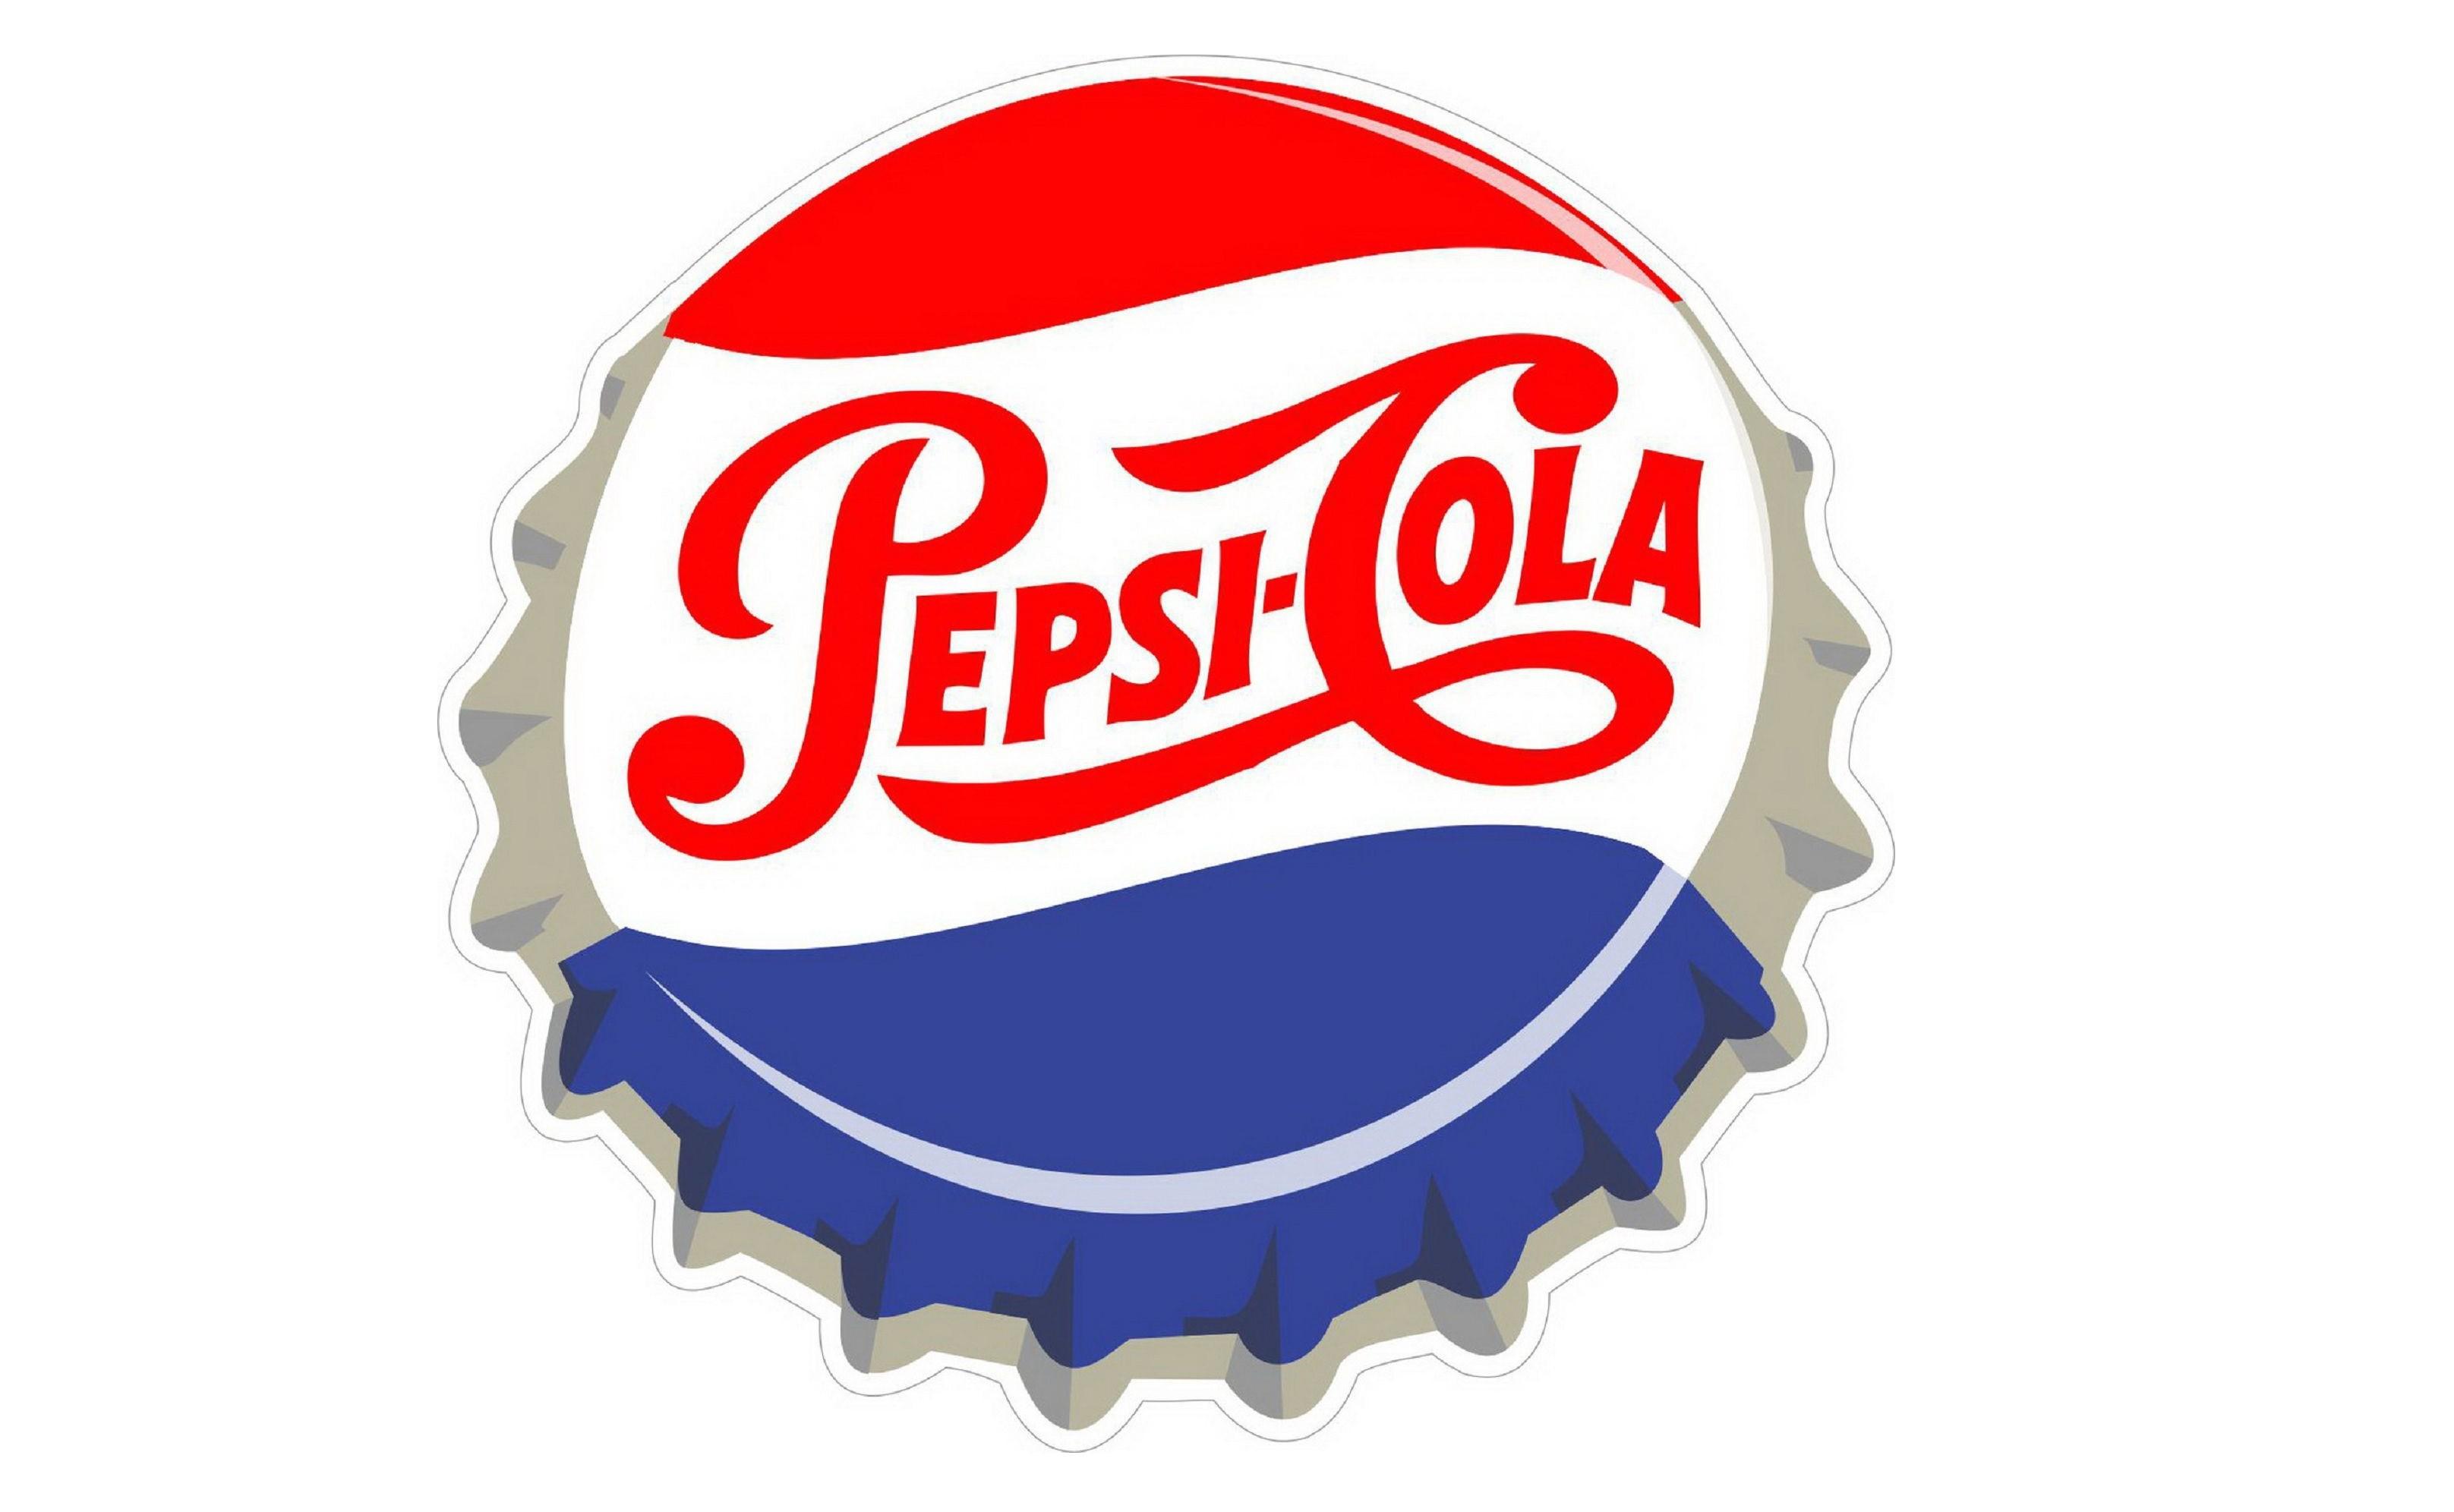 Cola Desktop